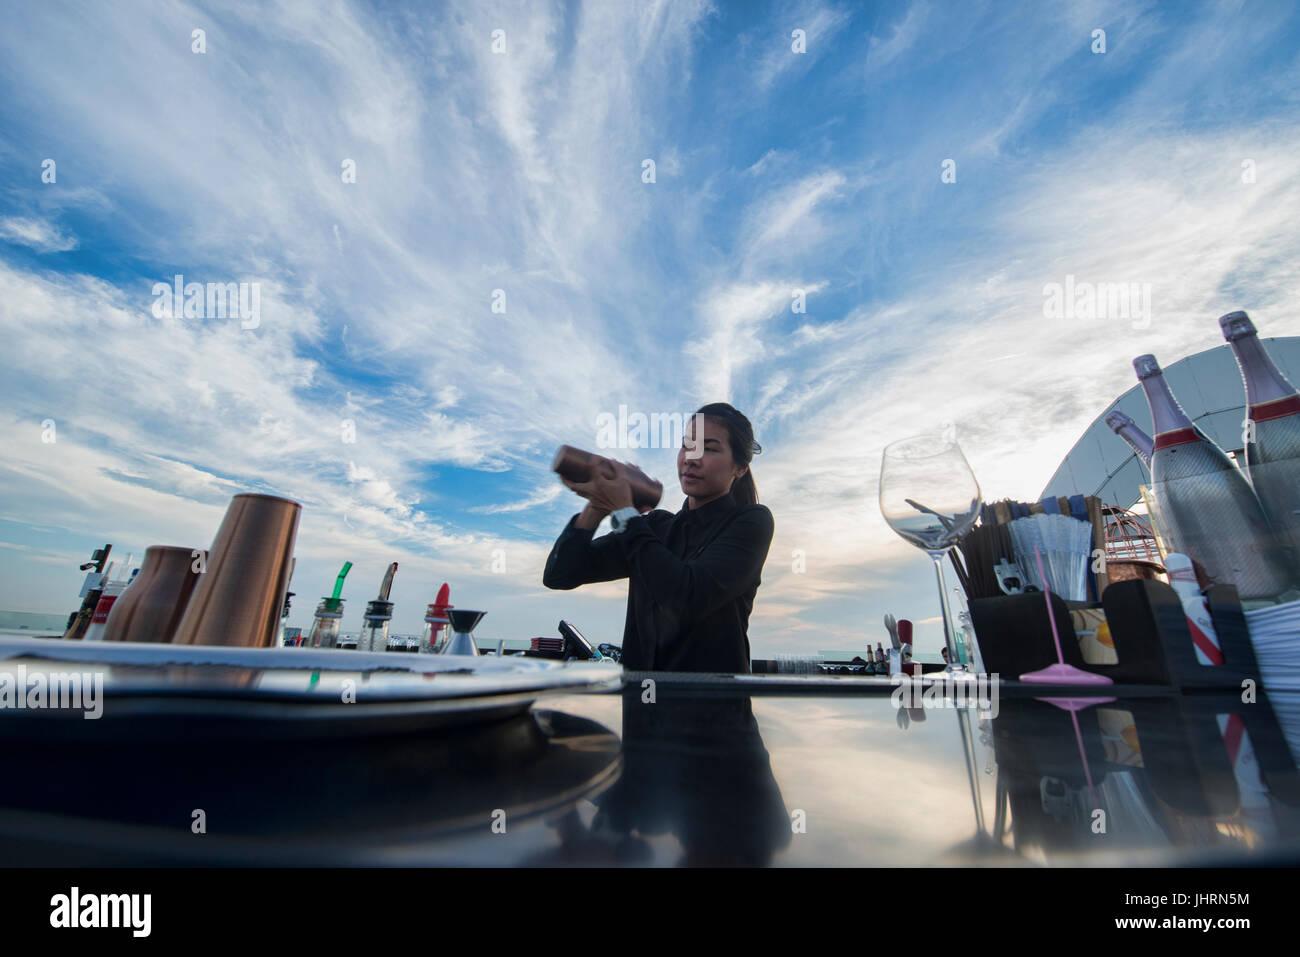 Mixing drinks at a rooftop bar, Bangkok, Thailand - Stock Image